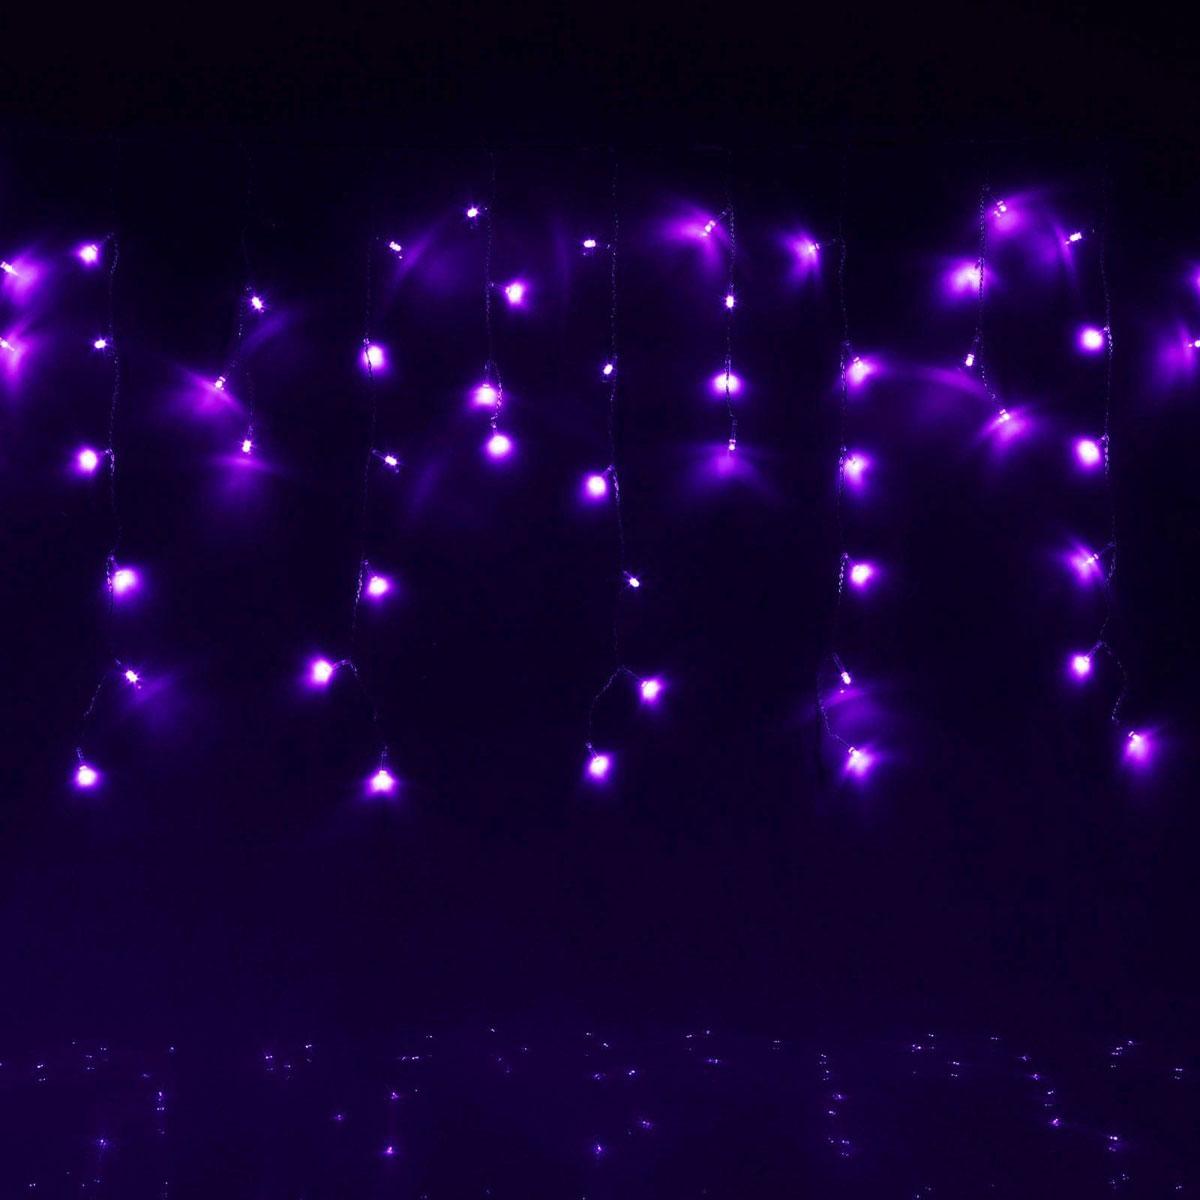 Гирлянда светодиодная Luazon Бахрома, 8 режимов, 60 ламп, 220 V, цвет: фиолетовый, 1,2 х 0,6 м. 187175187175Светодиодные гирлянды, ленты и т.д — это отличный вариант для новогоднего оформления интерьера или фасада. С их помощью помещение любого размера можно превратить в праздничный зал, а внешние элементы зданий, украшенные ими, мгновенно станут напоминать очертания сказочного дворца. Такие украшения создают ауру предвкушения чуда. Деревья, фасады, витрины, окна и арки будто специально созданы, чтобы вы украсили их светящимися нитями.